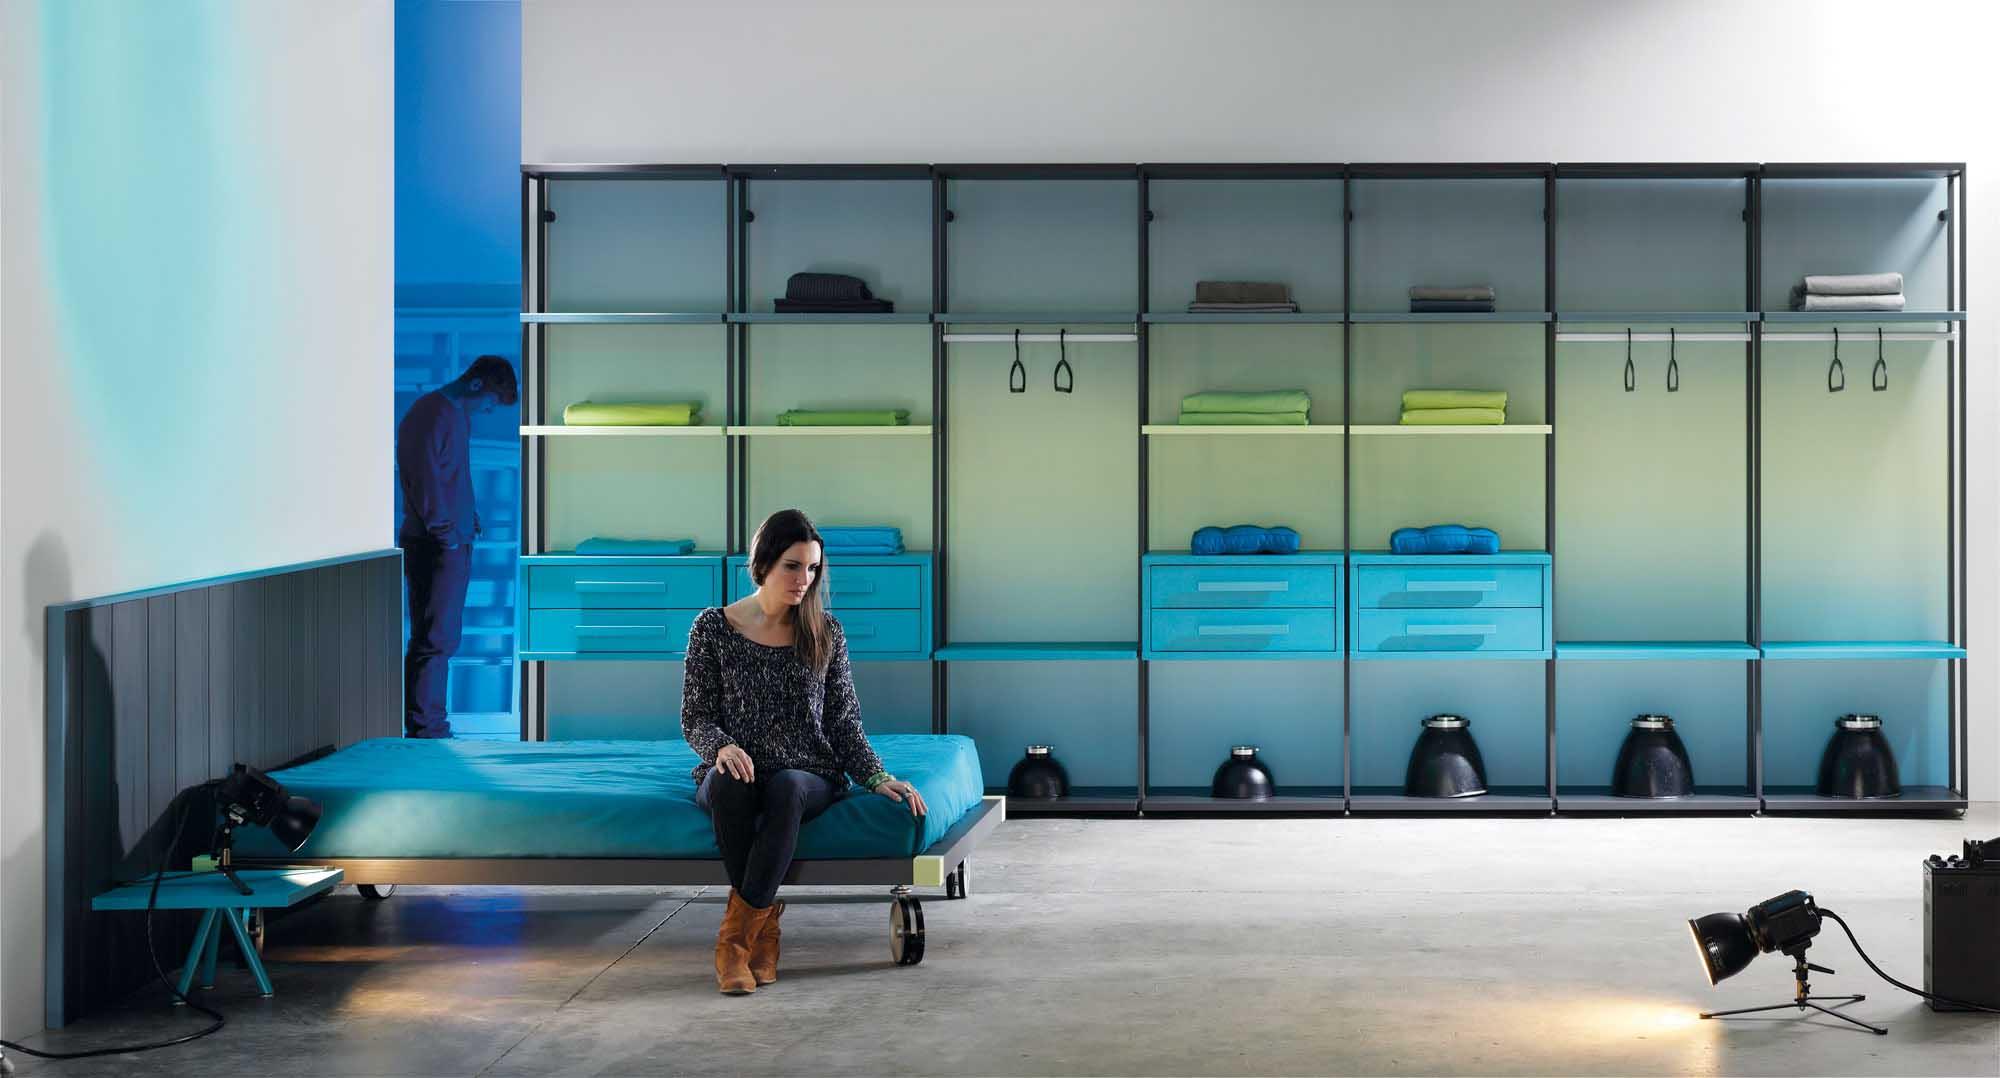 Dormitorio, Vestidor style moderno color verde, azul, negro